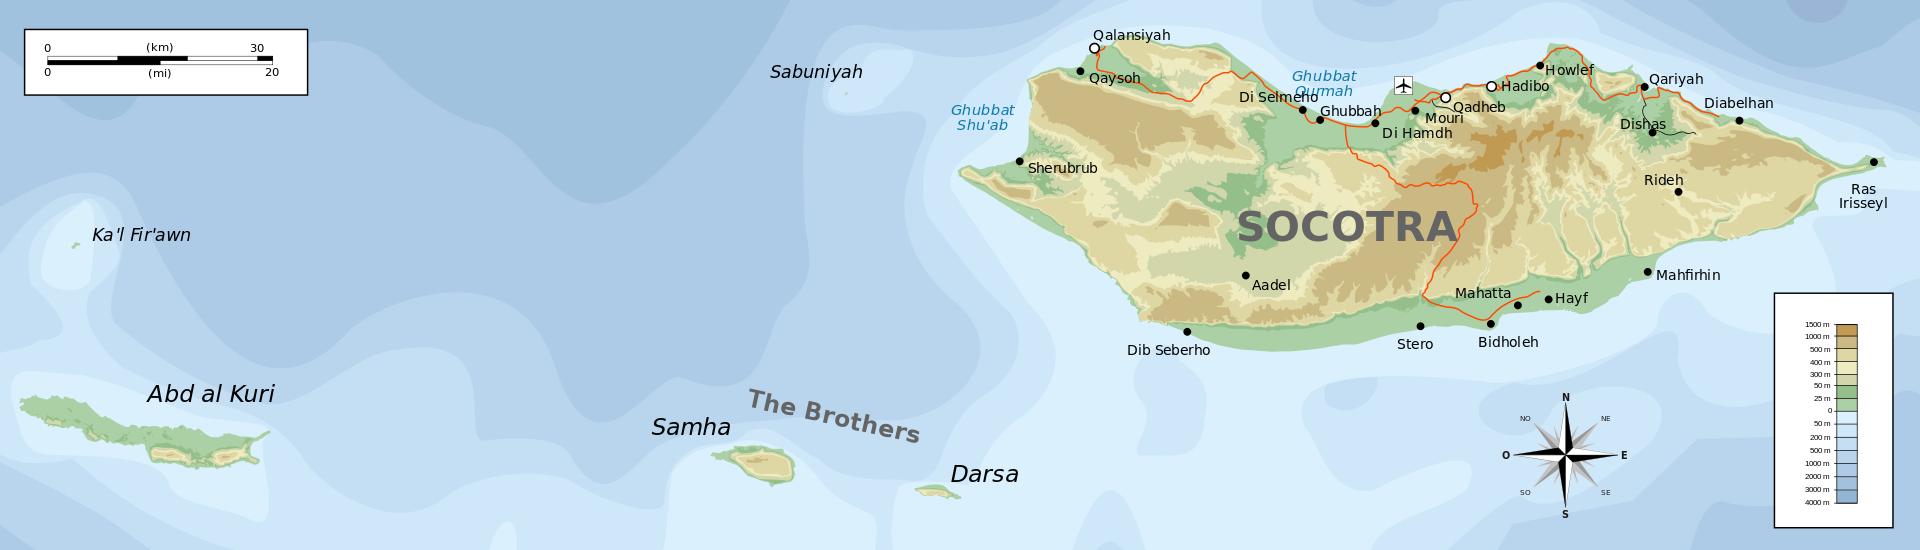 Carte topographique de Socotra-en.svg